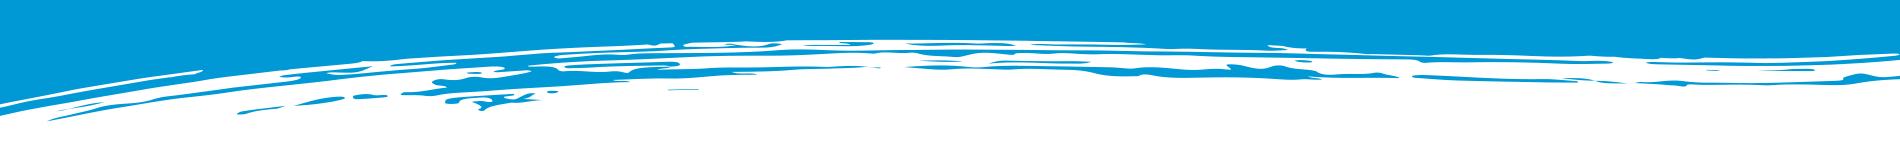 807492-blue-white-divider